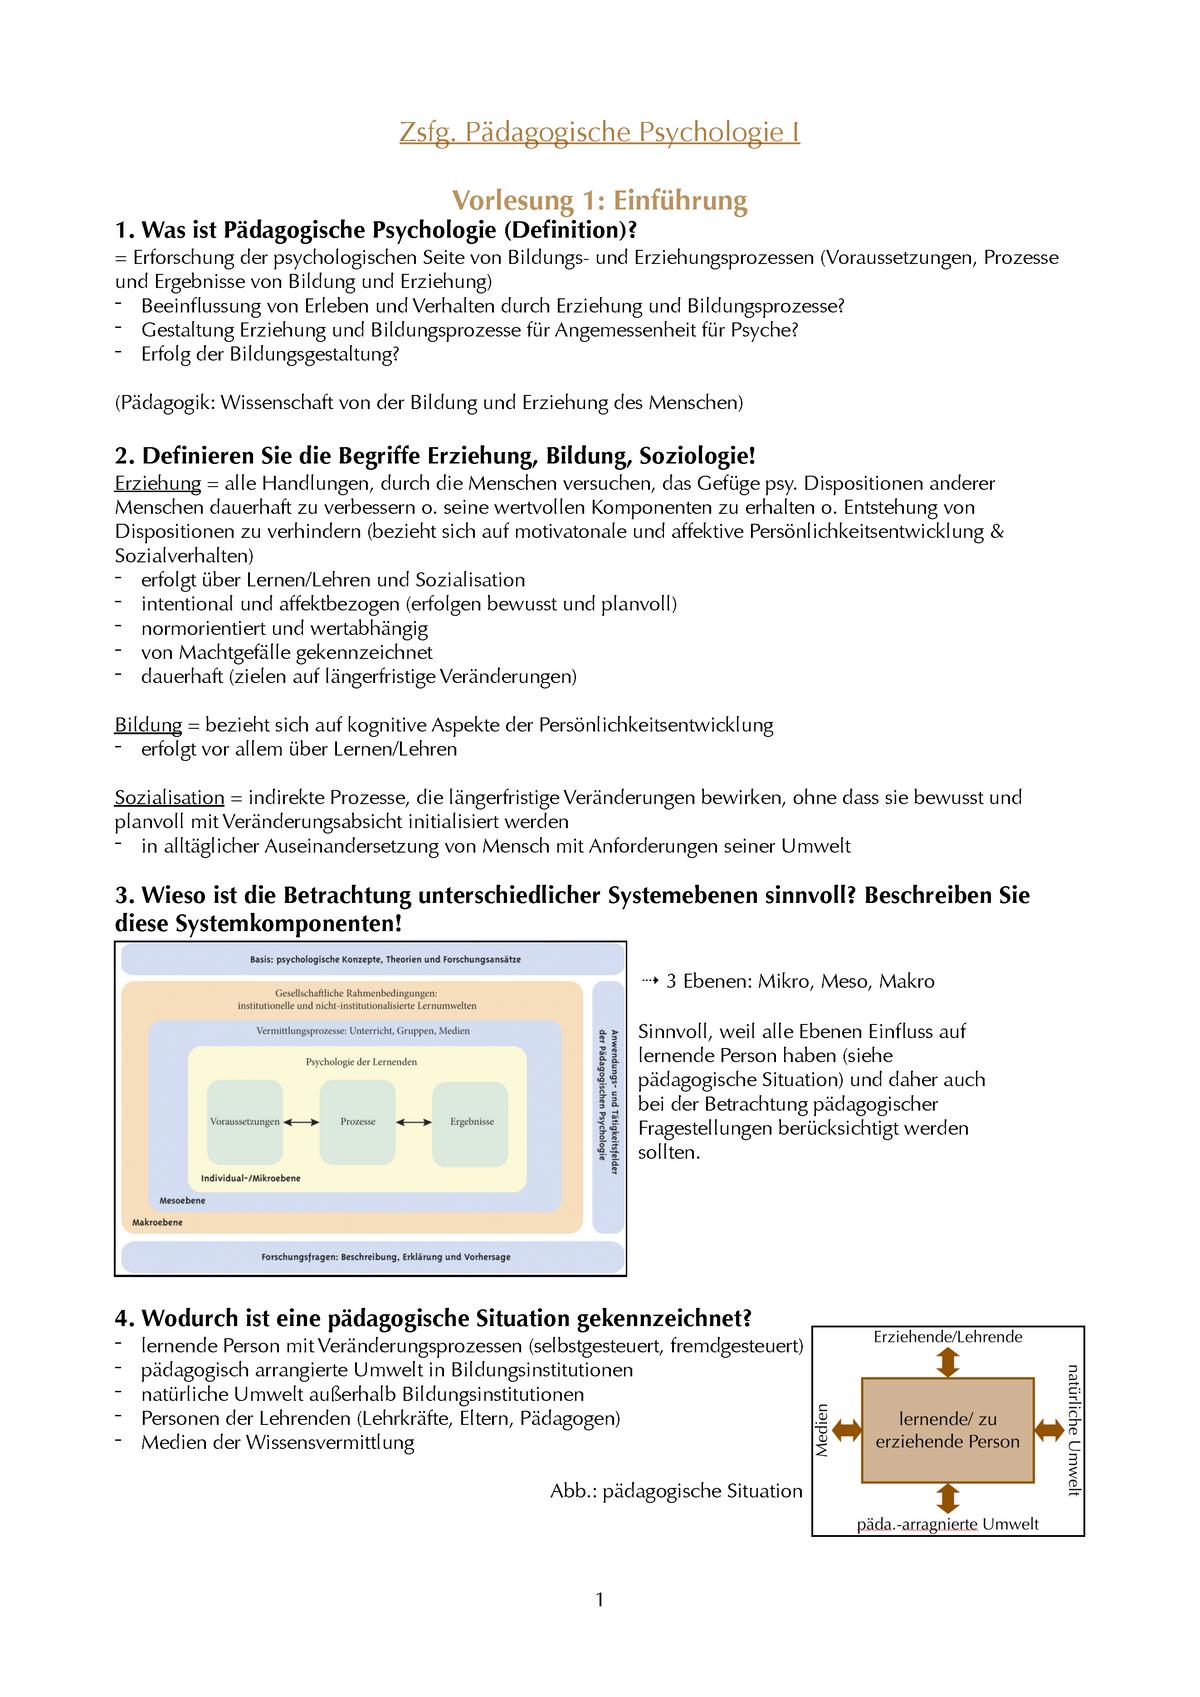 Zusammenfassung Pädagogische Psychologie I - StuDocu